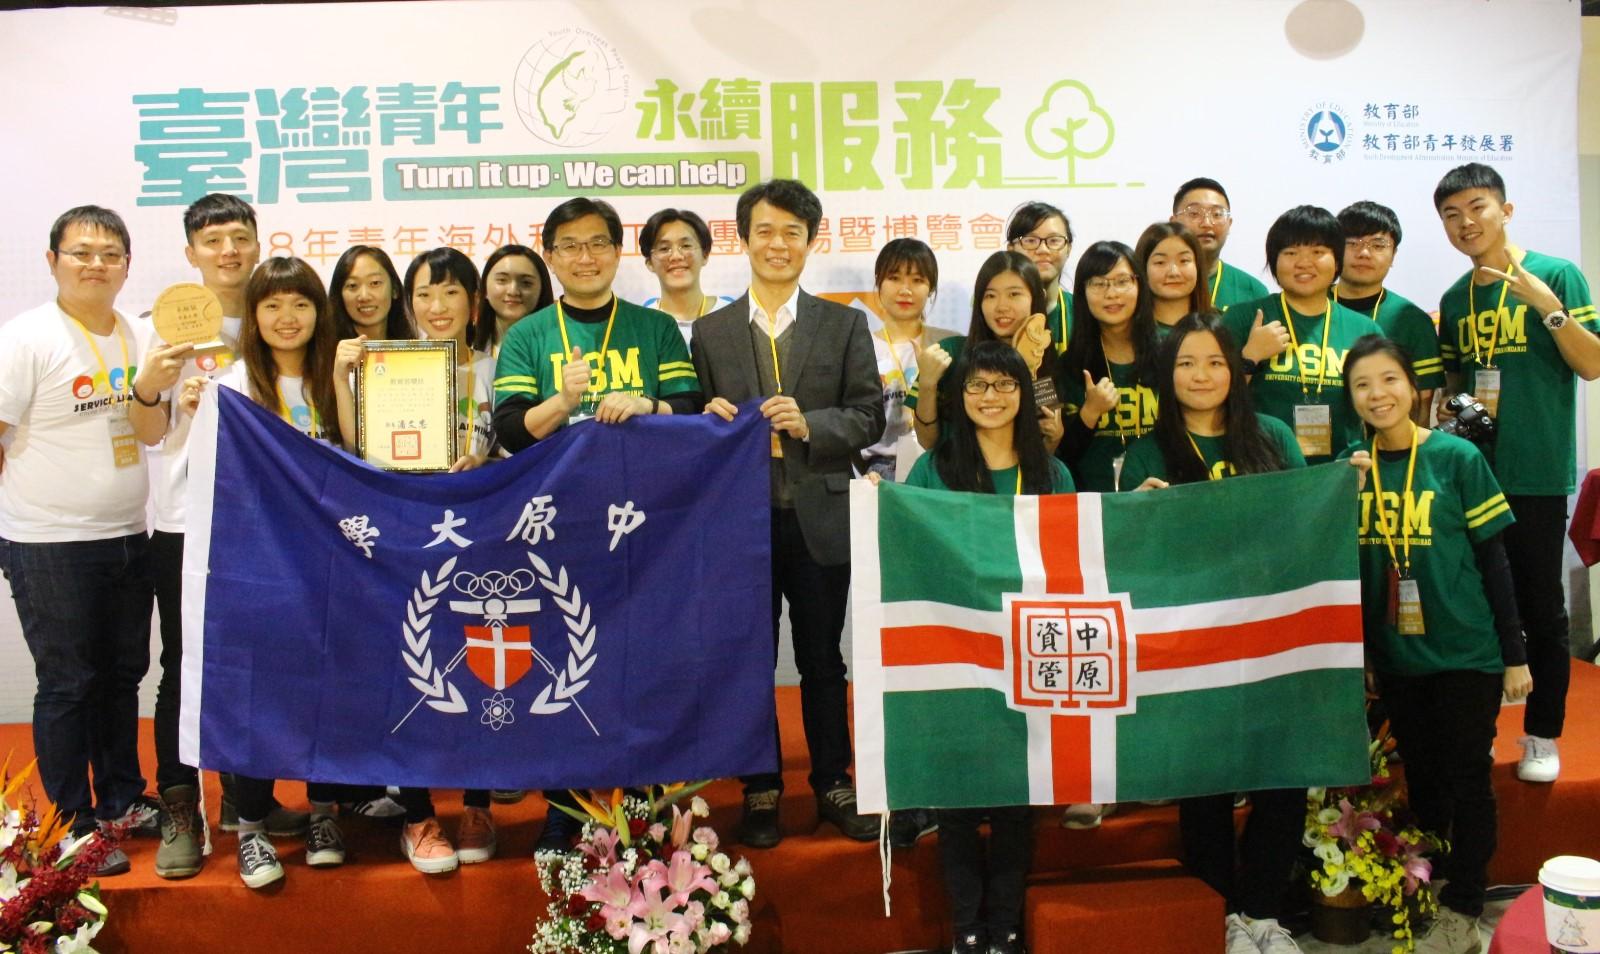 中原大學柬埔寨海外志工團及資管系菲律賓資訊教育團隊,榮獲教育部青年海外和平工作團隊競賽大獎。.JPG